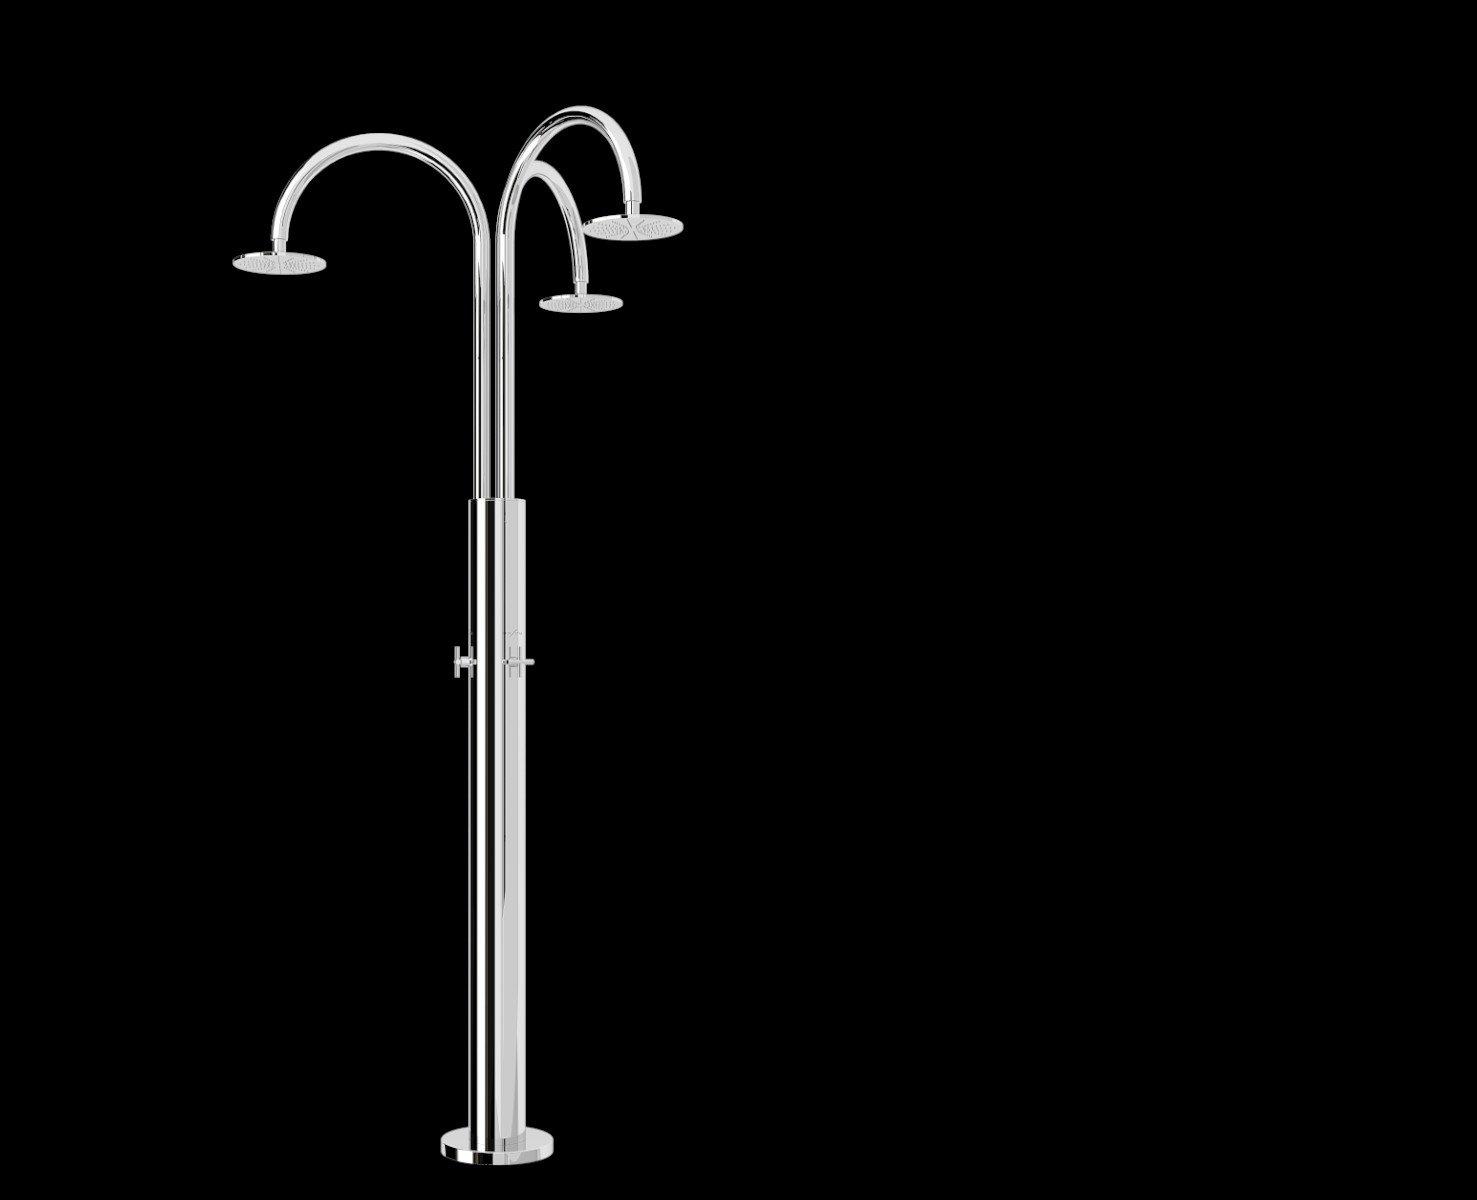 Immagine doccia per esterno, per piscina, per giardino - Melody Inoxstyle